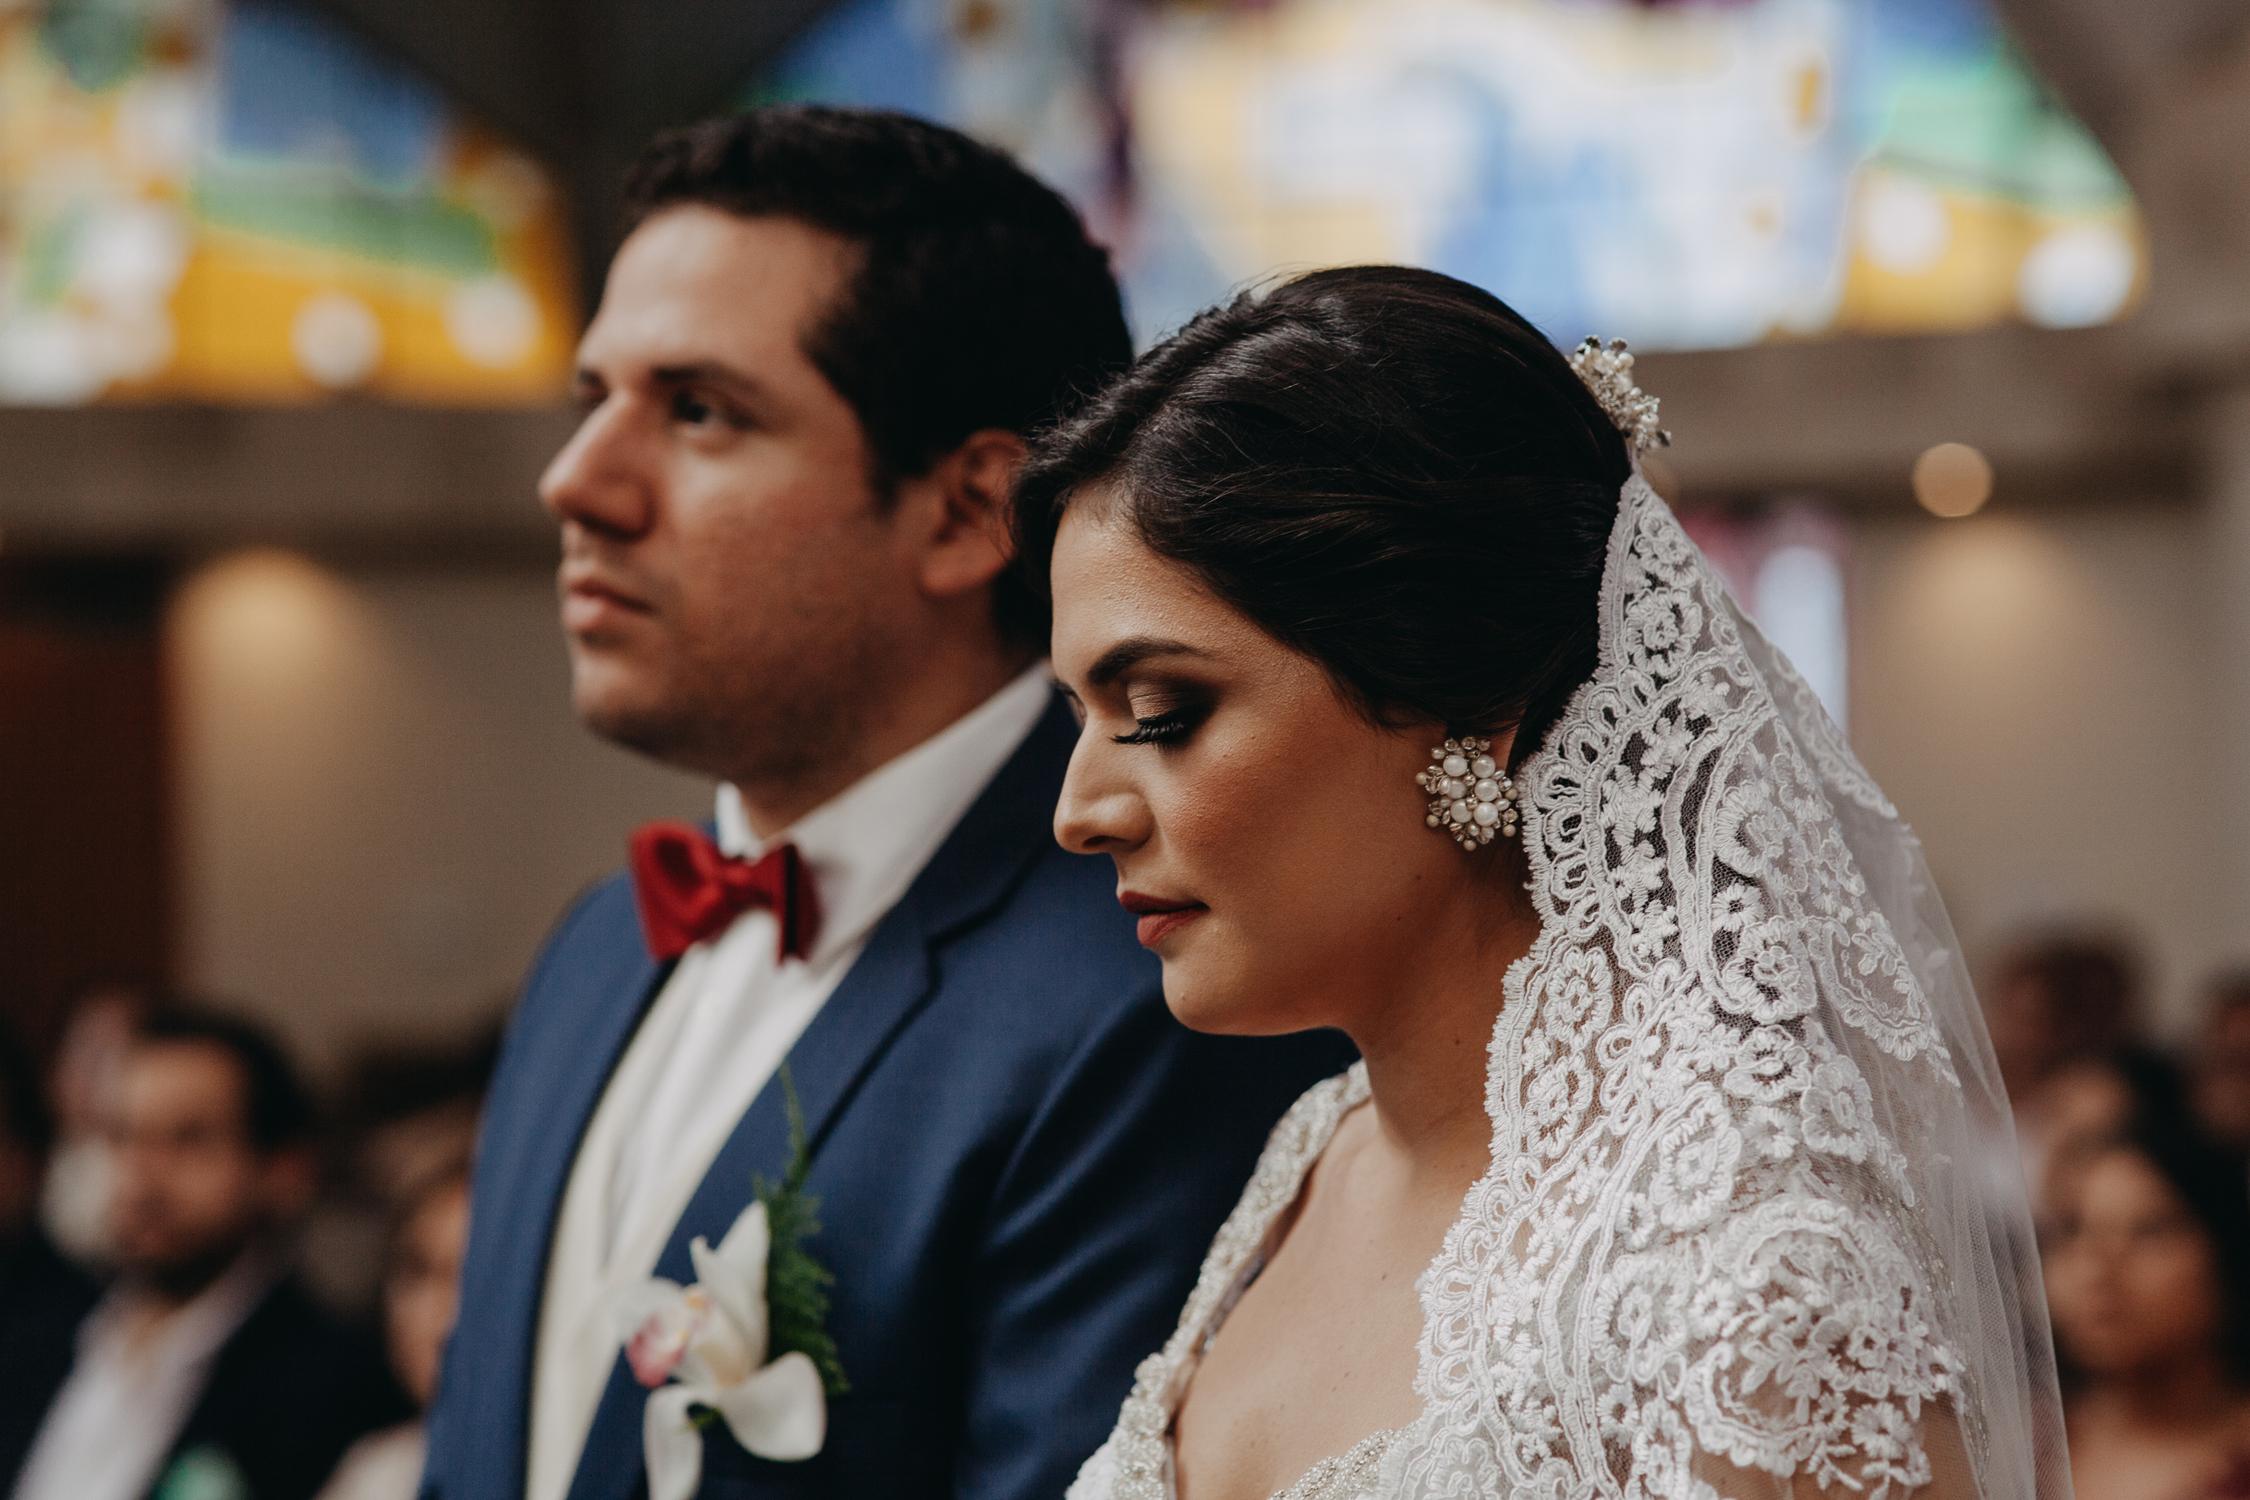 Michelle-Agurto-Fotografia-Bodas-Ecuador-Destination-Wedding-Photographer-Cristi-Luis-47.JPG